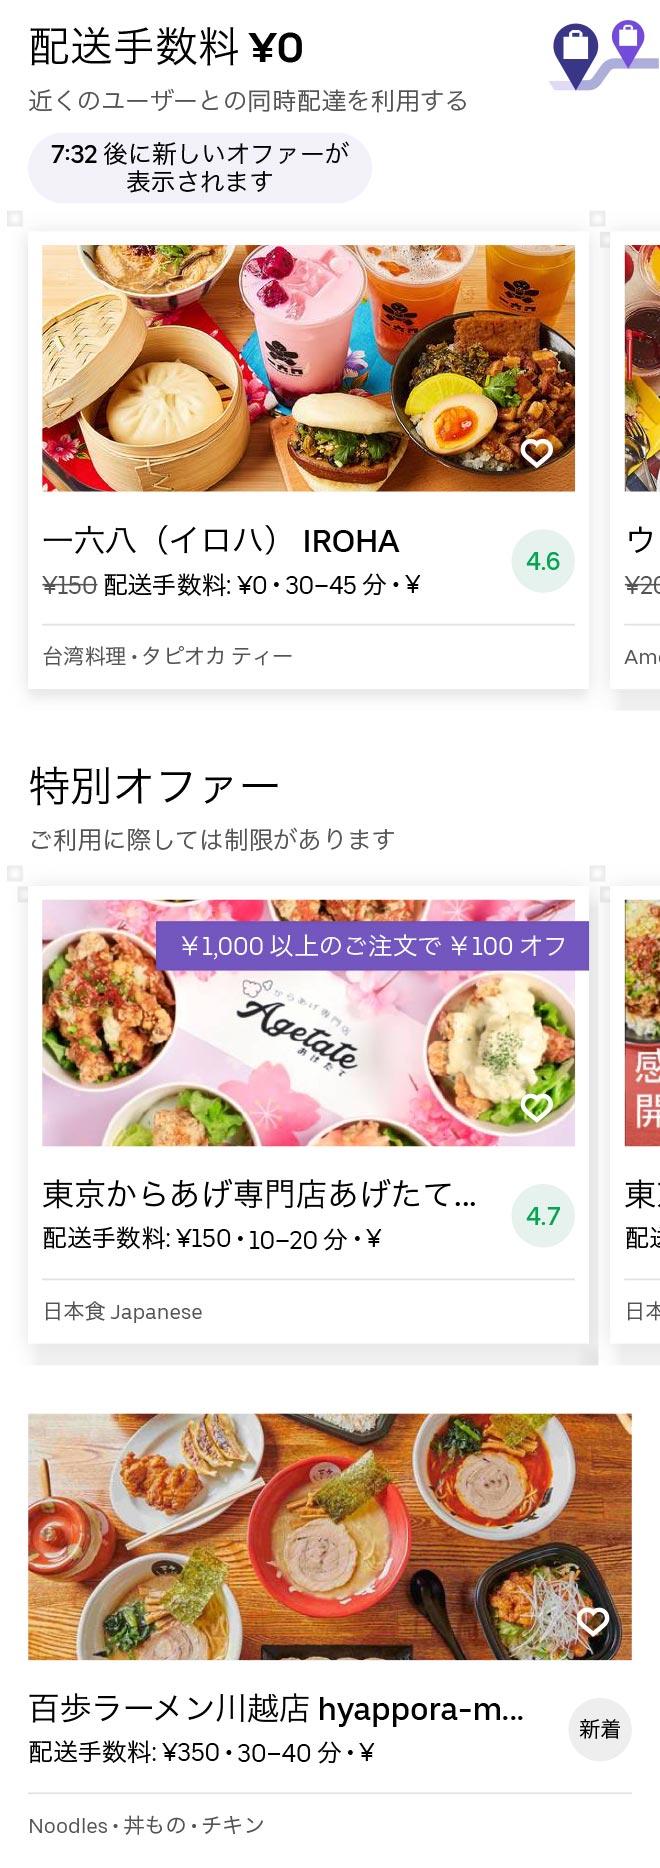 Kawagoeshi menu 2008 01